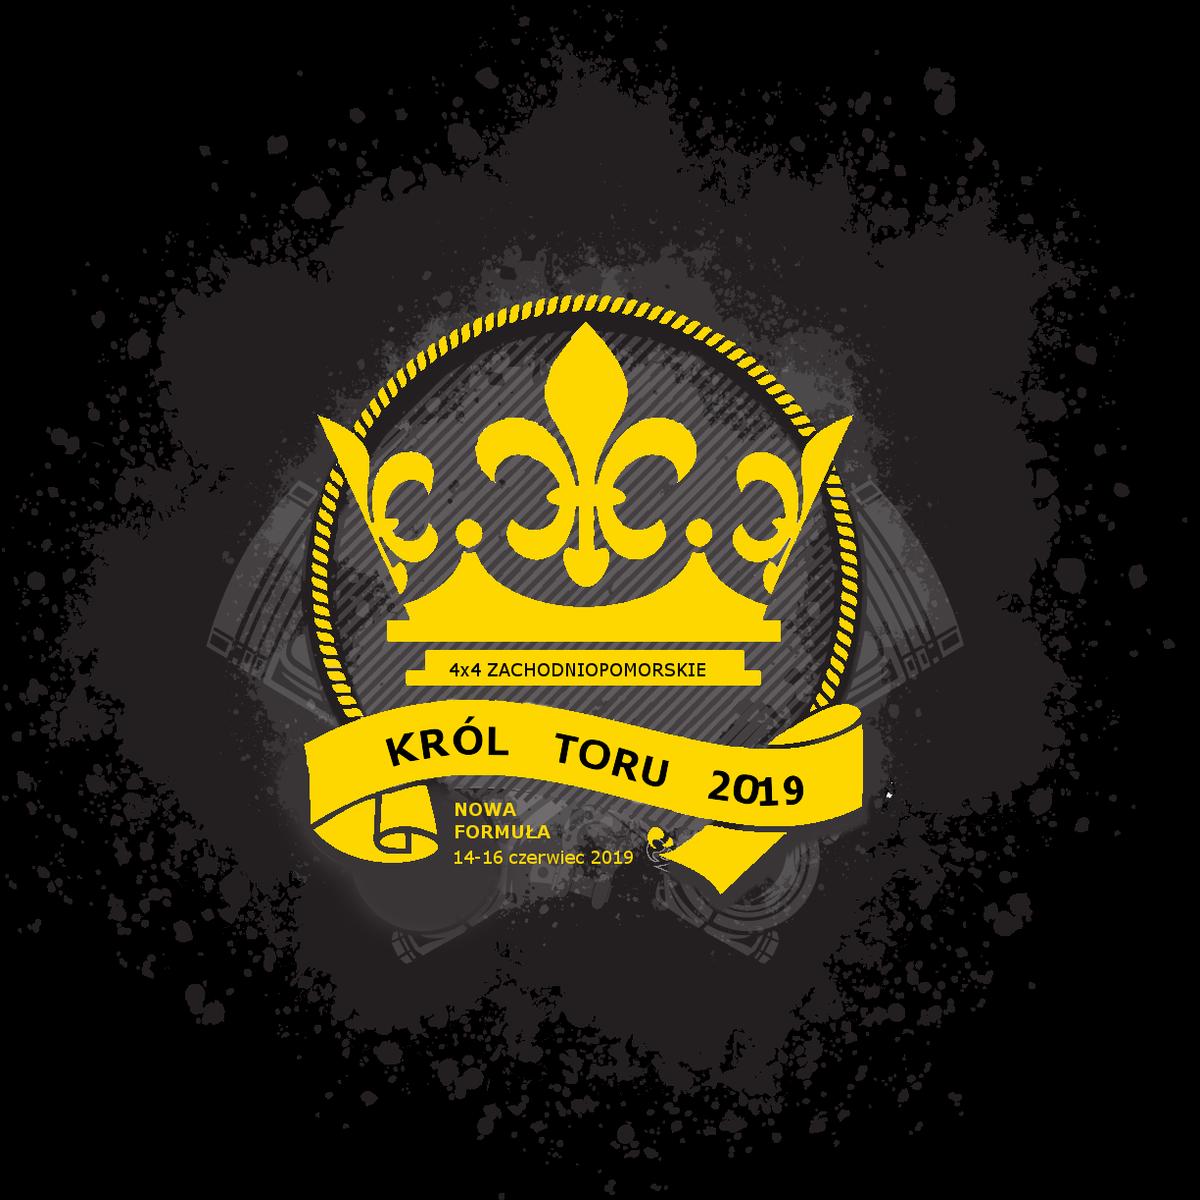 Król Toru 2019 Nowa Formuła – Tor 4×4 Przypólsko